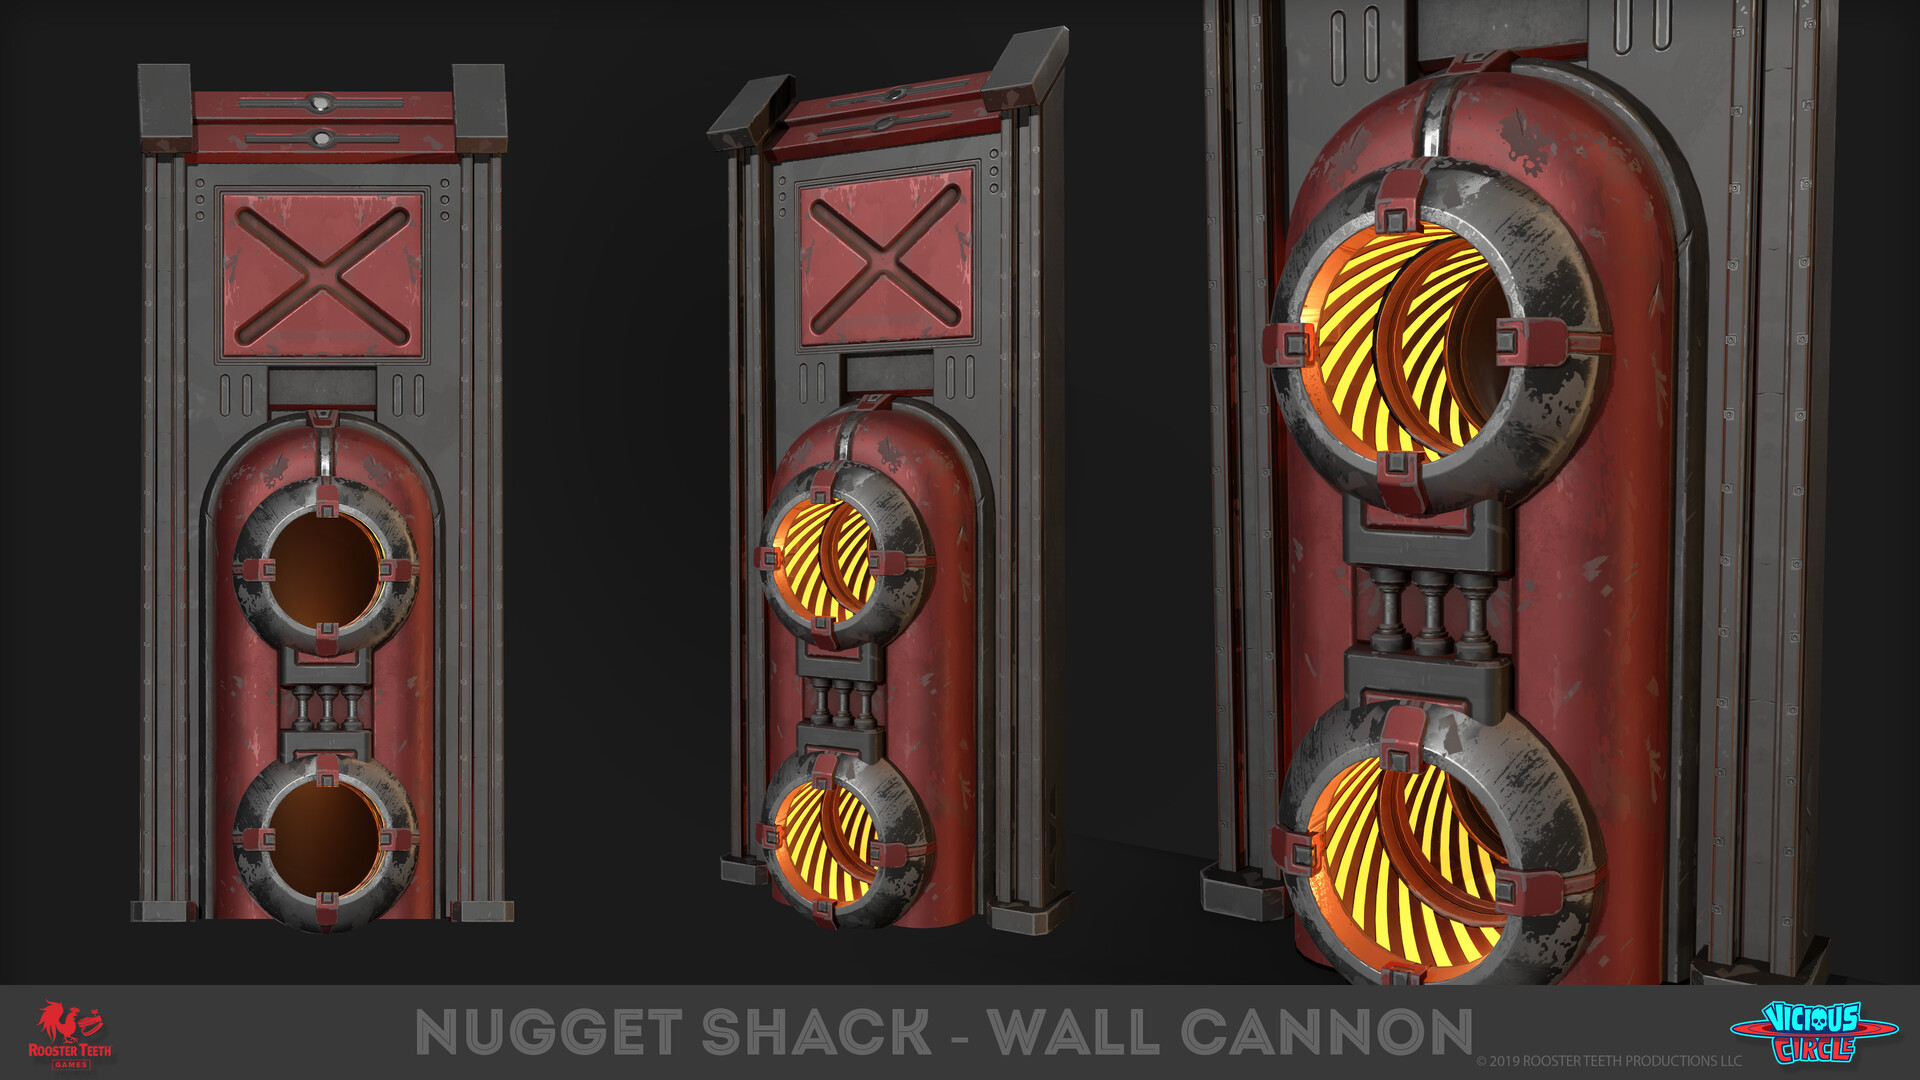 Markel milanes nuggetshack wallcannon 05